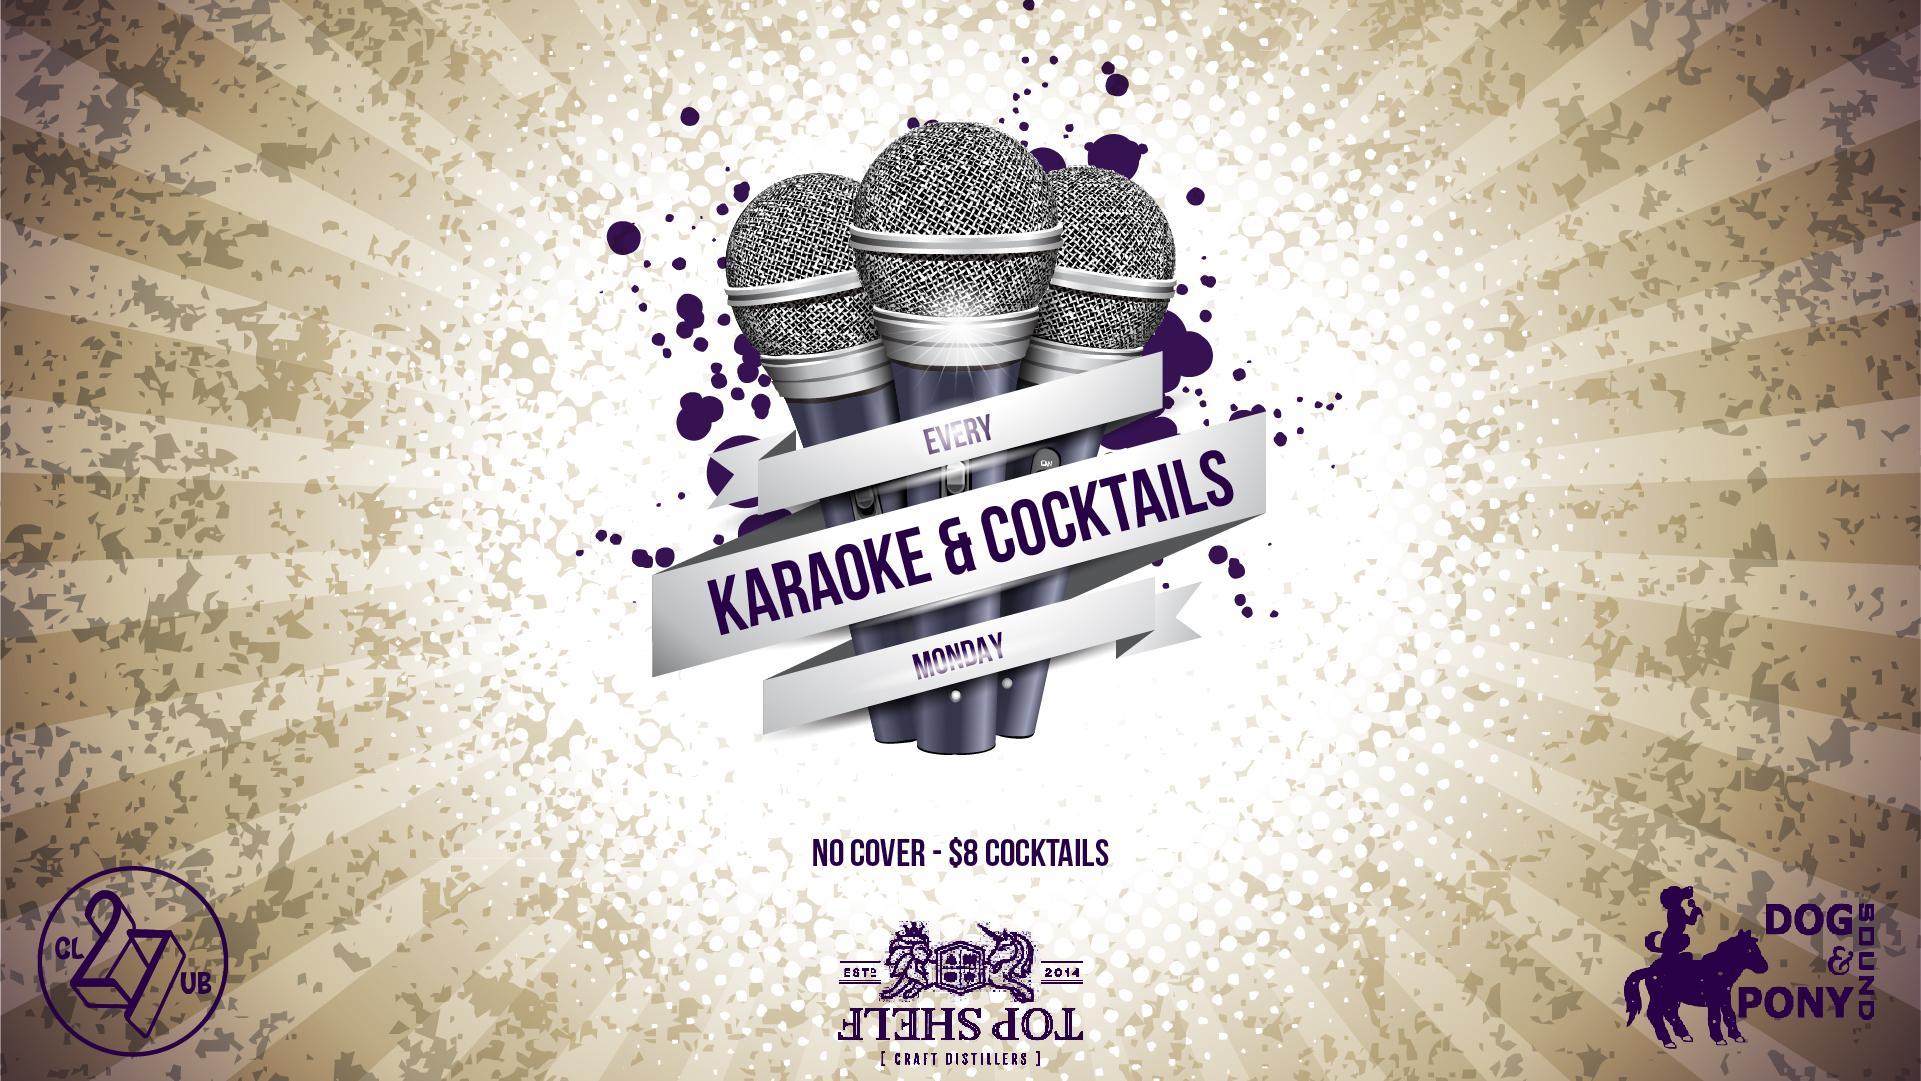 Karaoke & Cocktails